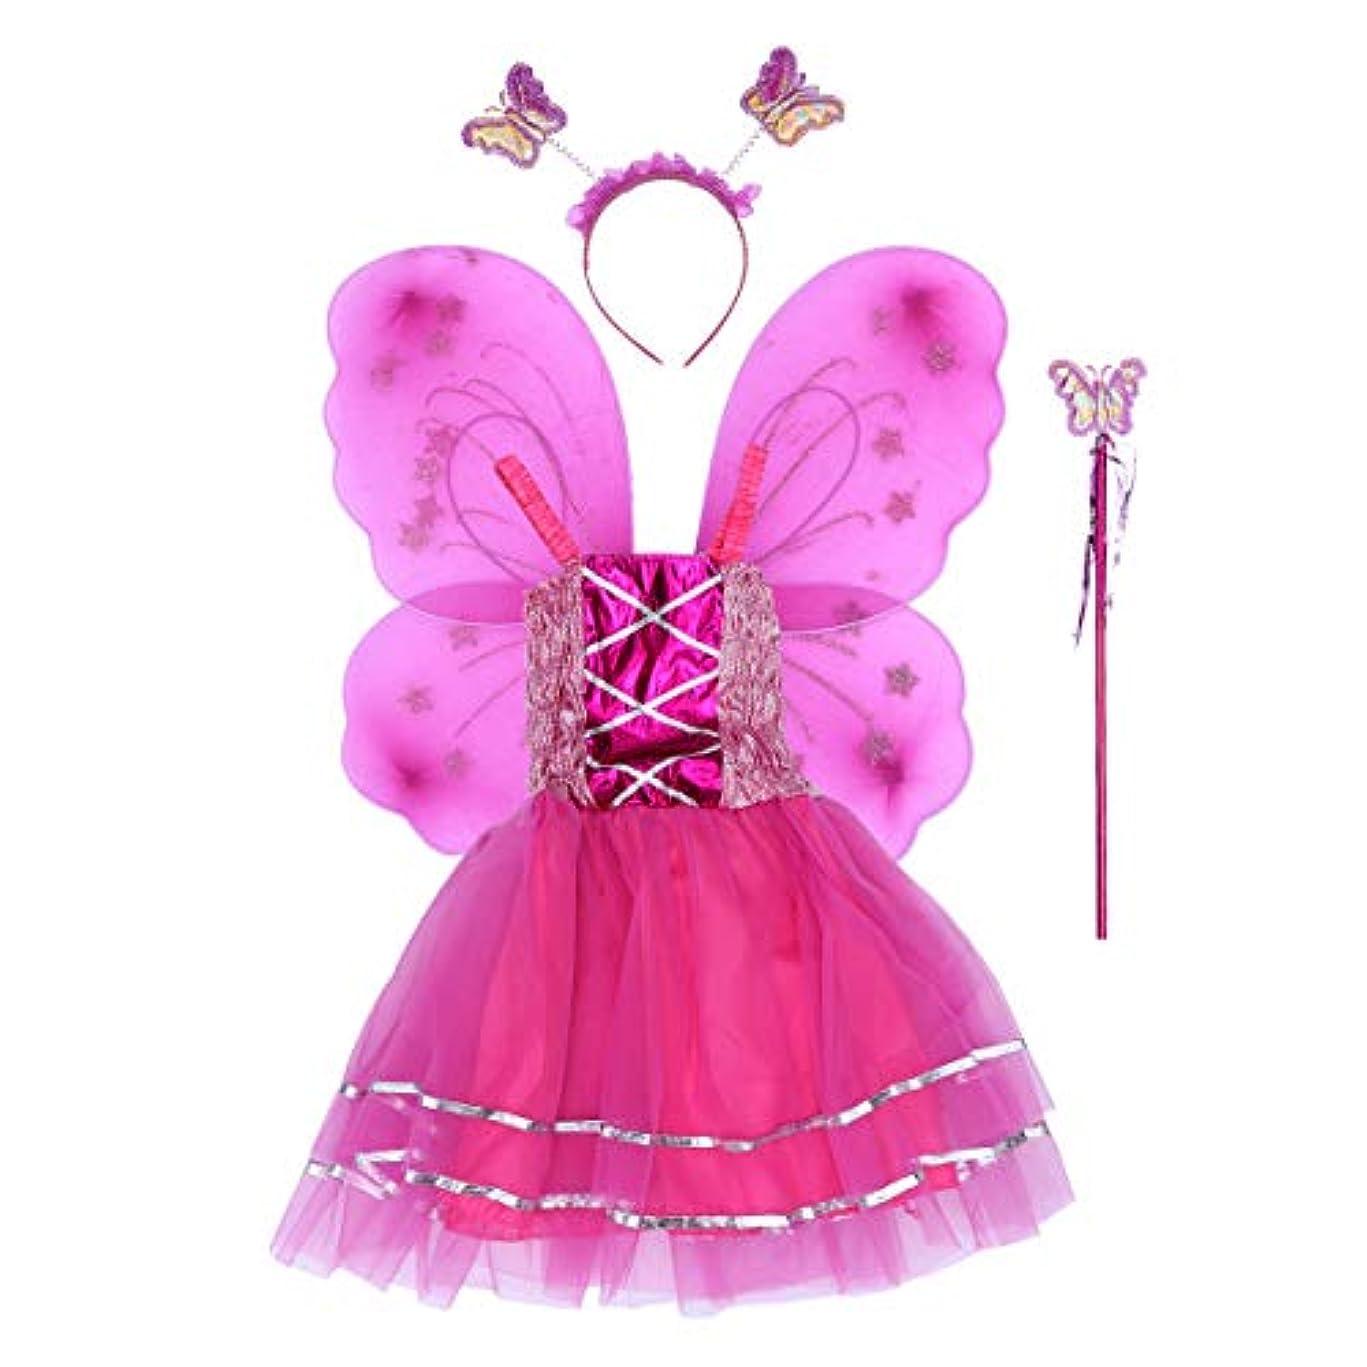 鉛ハドル売上高BESTOYARD 4個の女の子バタフライプリンセス妖精のコスチュームセットバタフライウィング、ワンド、ヘッドバンドとツツードレス(ロージー)